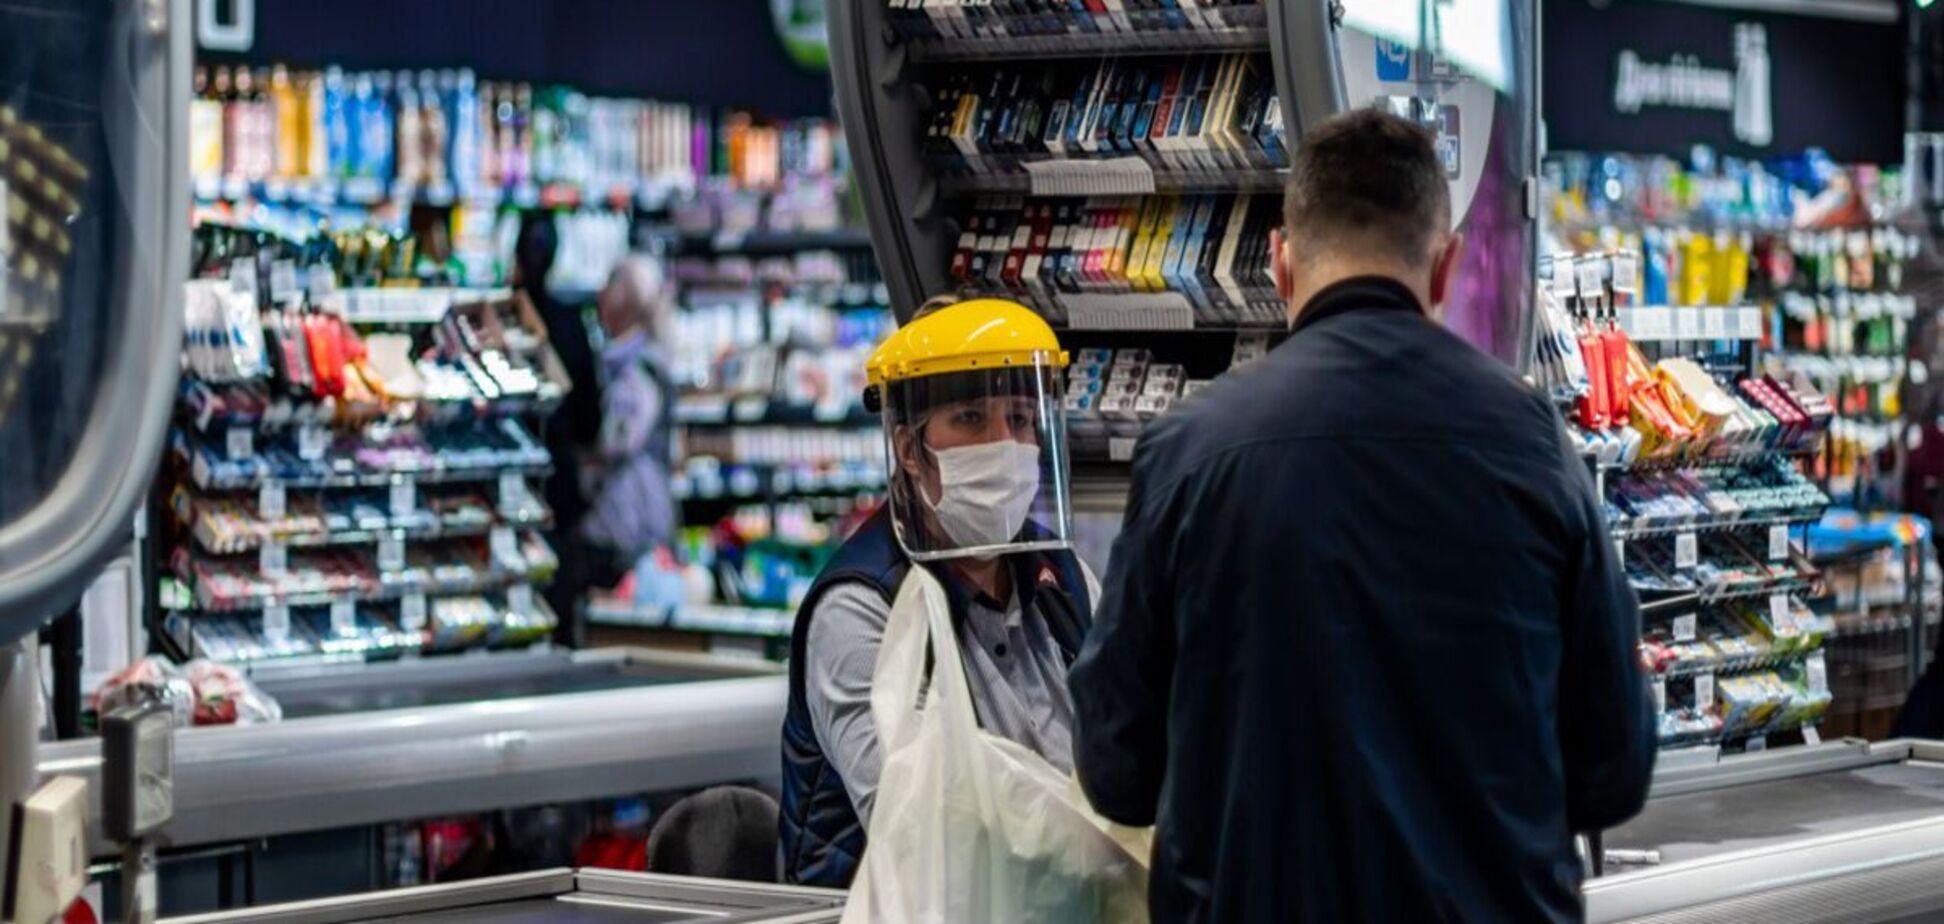 В Мариуполе в супермаркете устроили скандал из-за маски